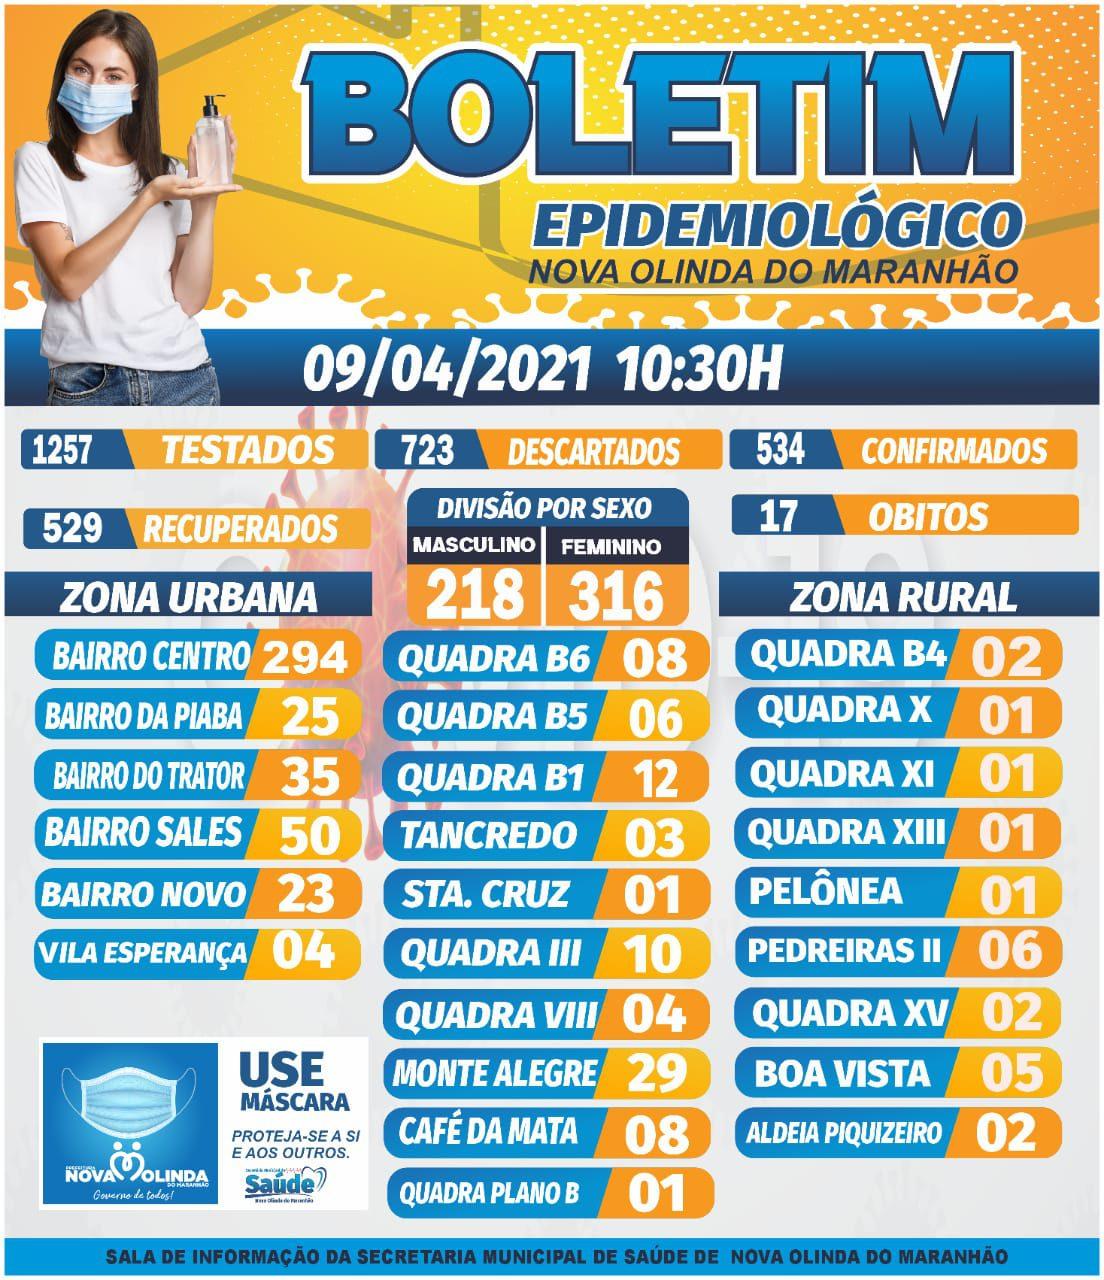 Nova Olinda do MA registra apenas 01 caso de COVID nas últimas 24 horas